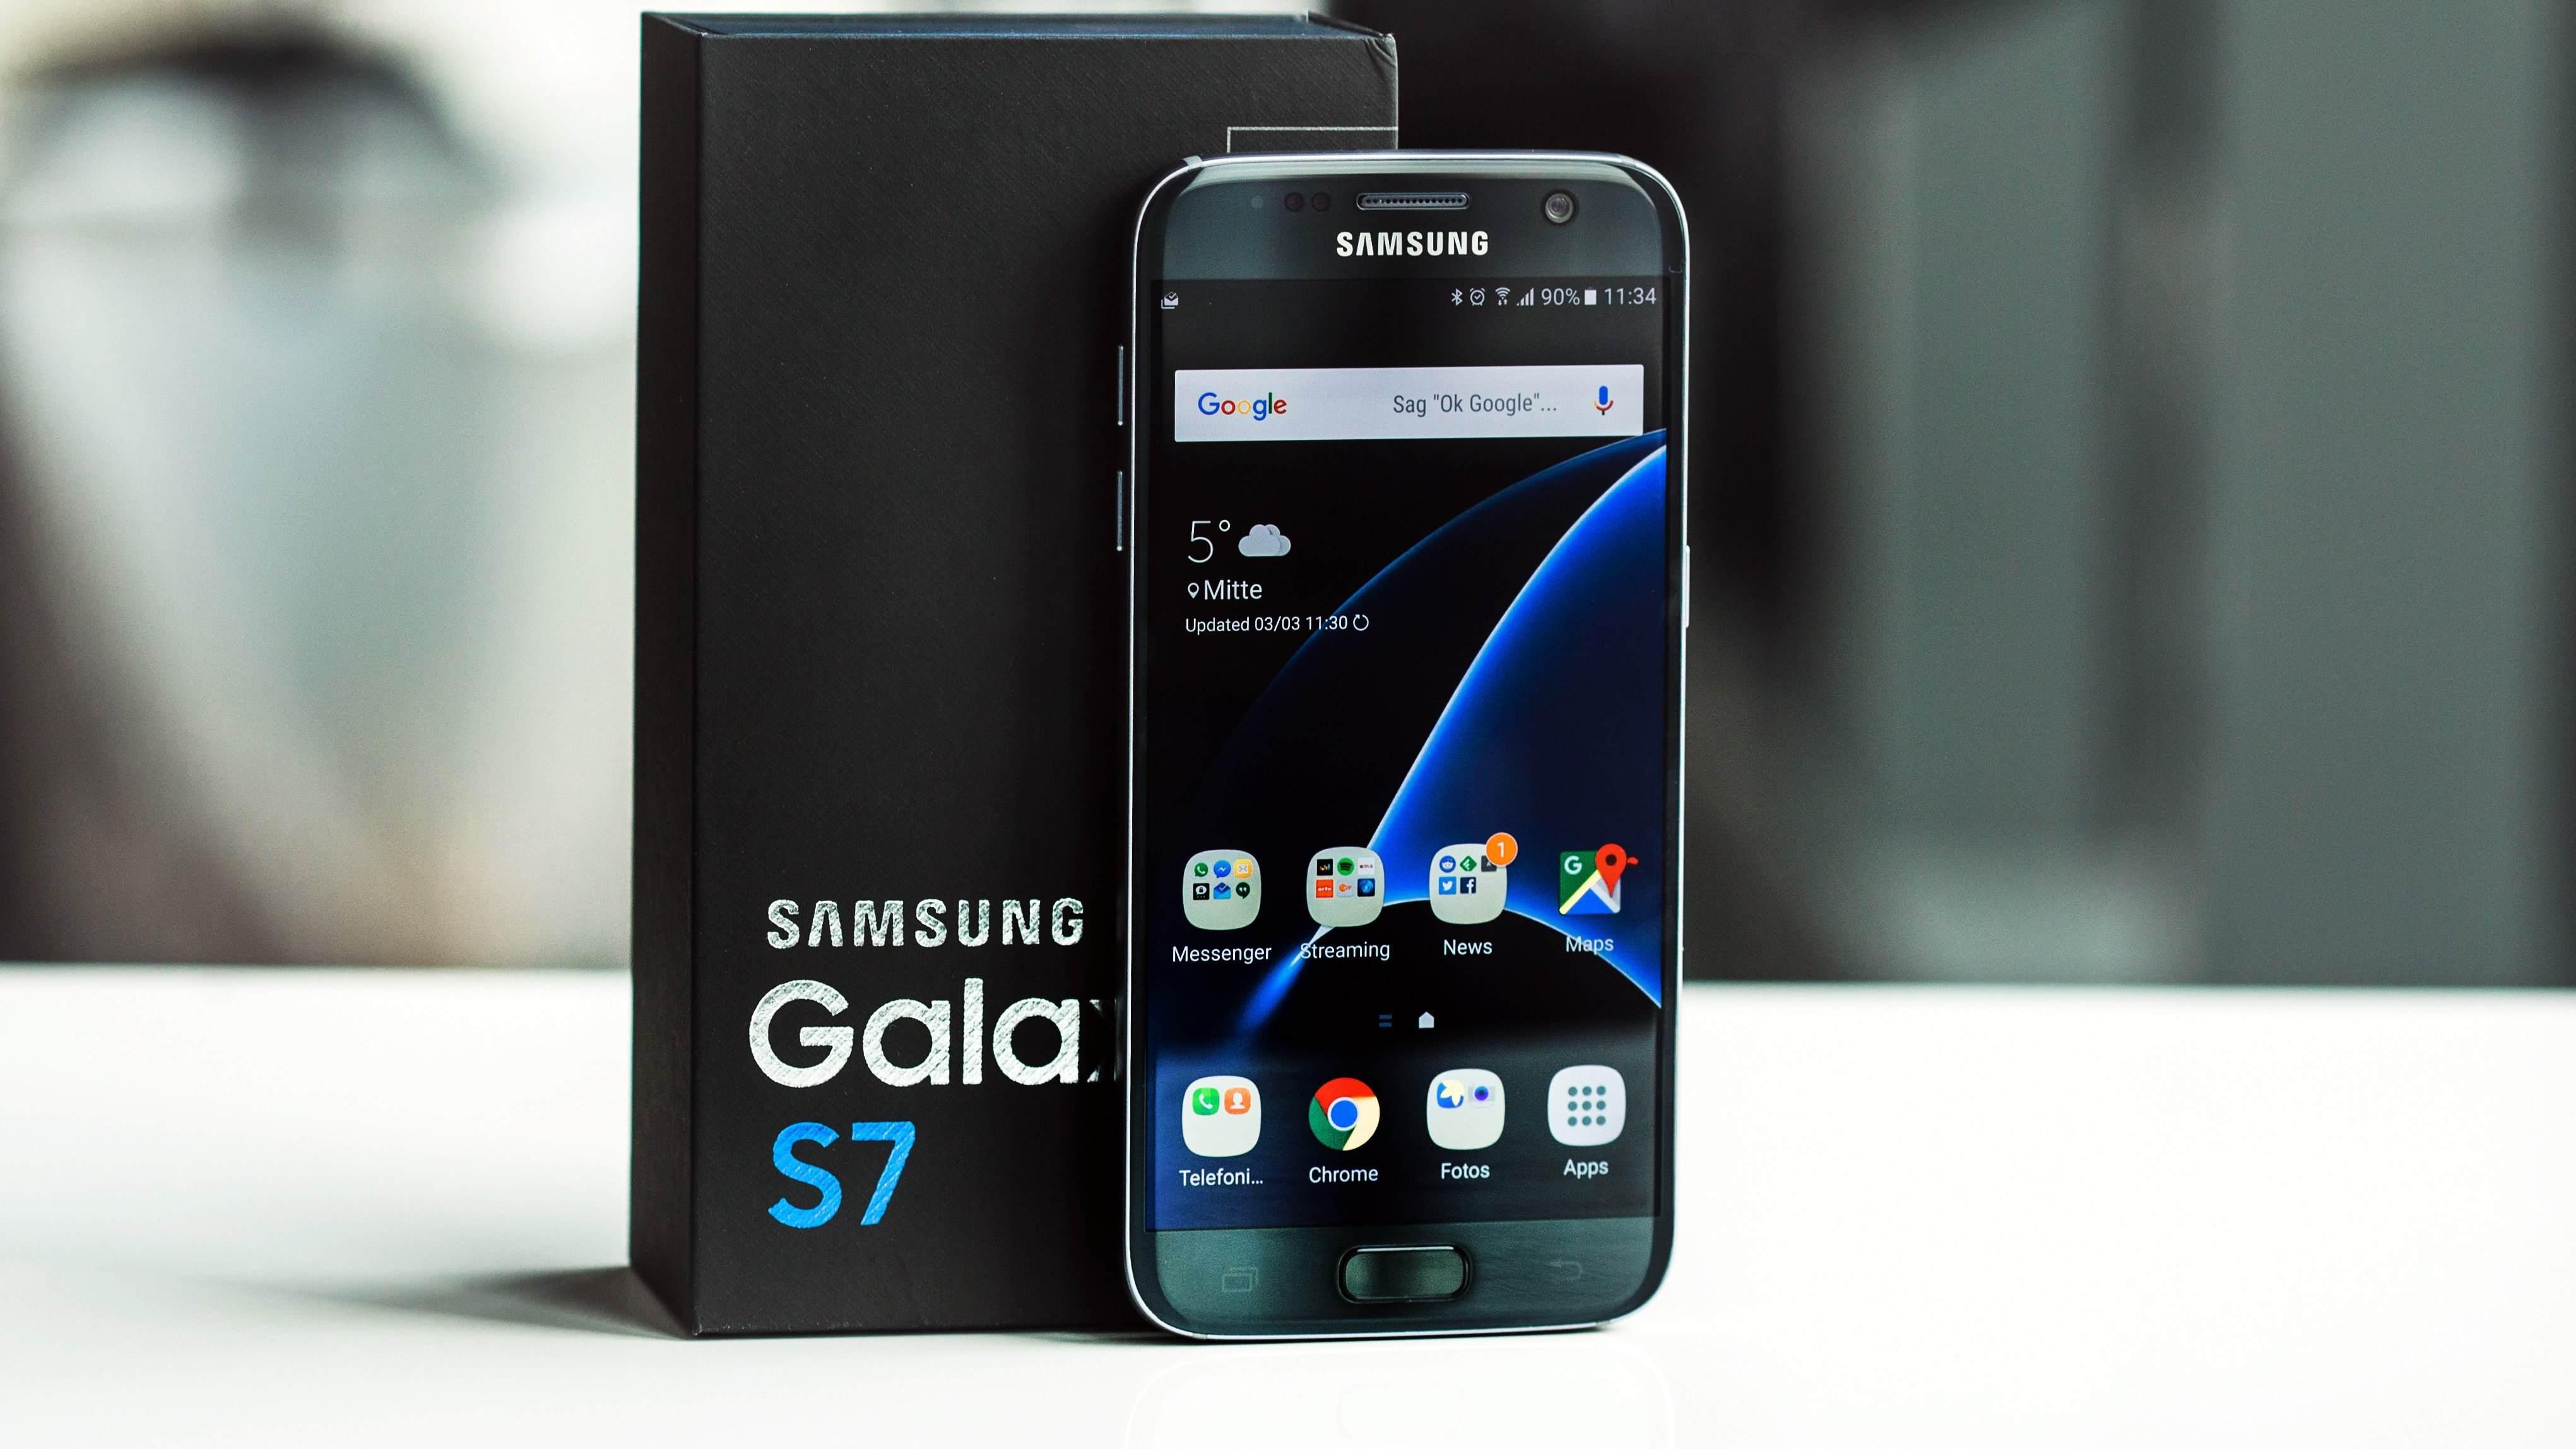 Galaxy S7 - En Yüksek Ekran Çözünürlüğüne Sahip Akıllı Telefonlar